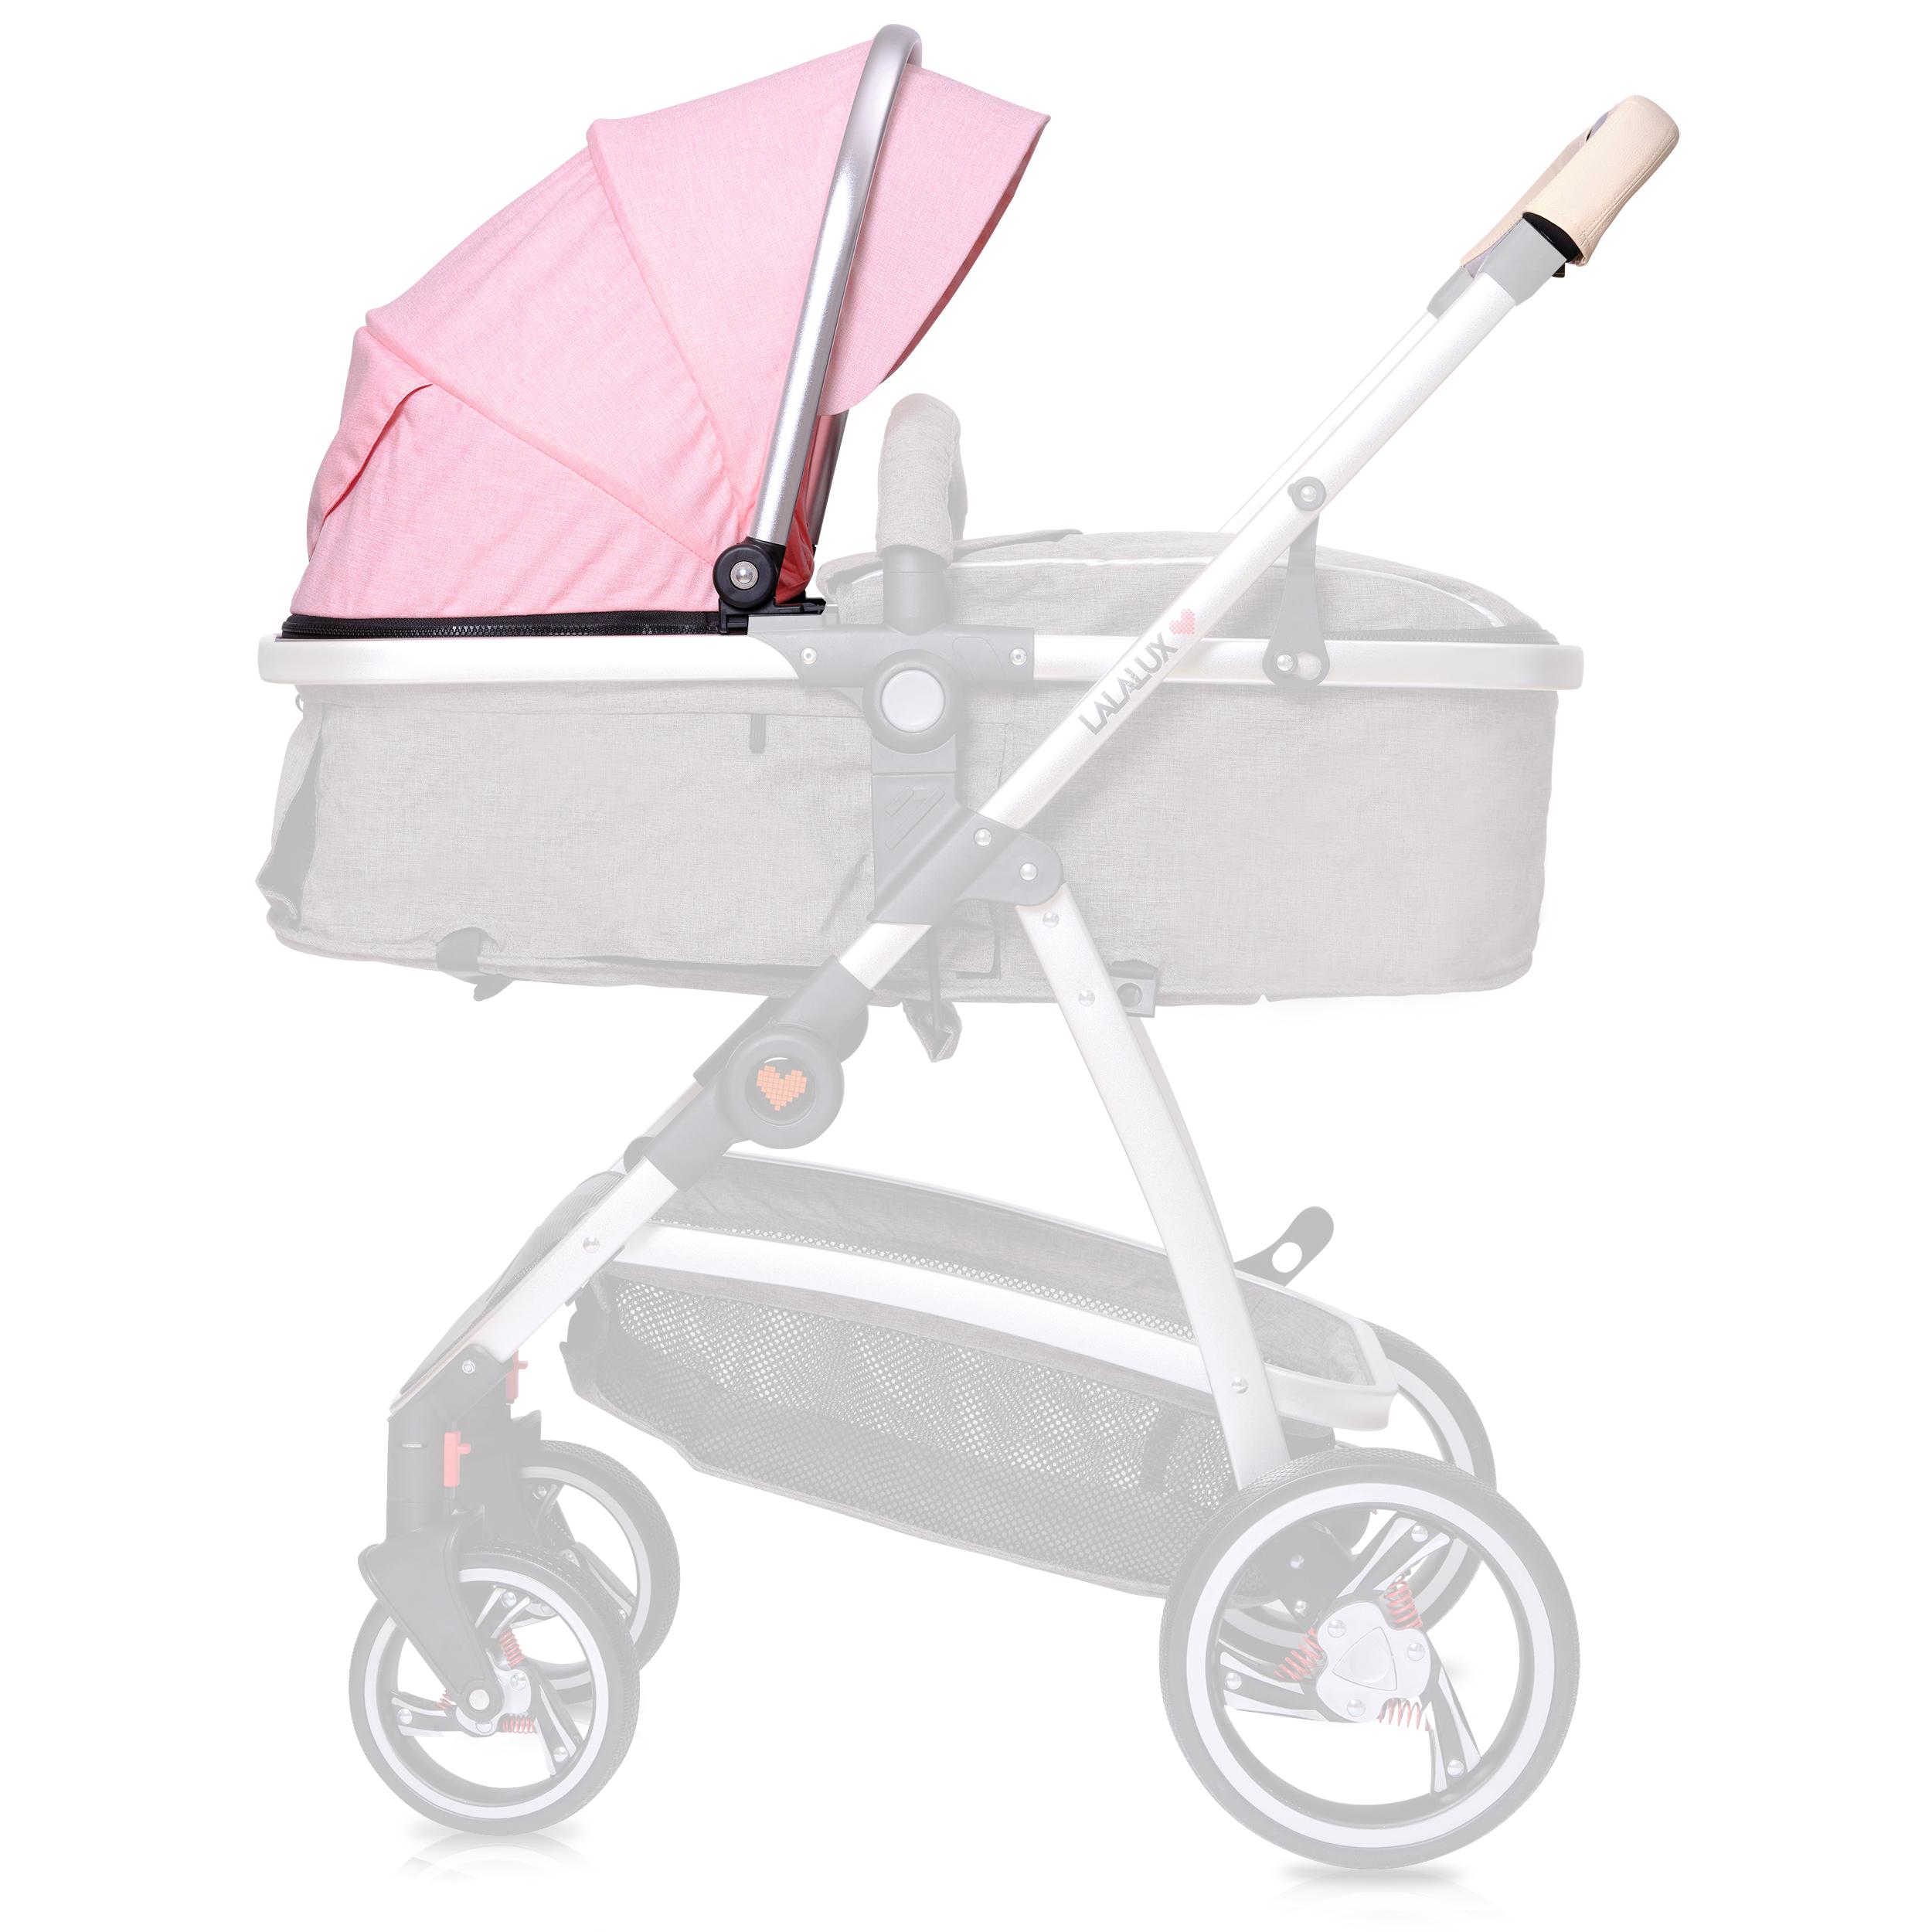 Lalalux Kinderwagen Ersatzset Ersatzbezug mit Gestell, Farbe Rosa